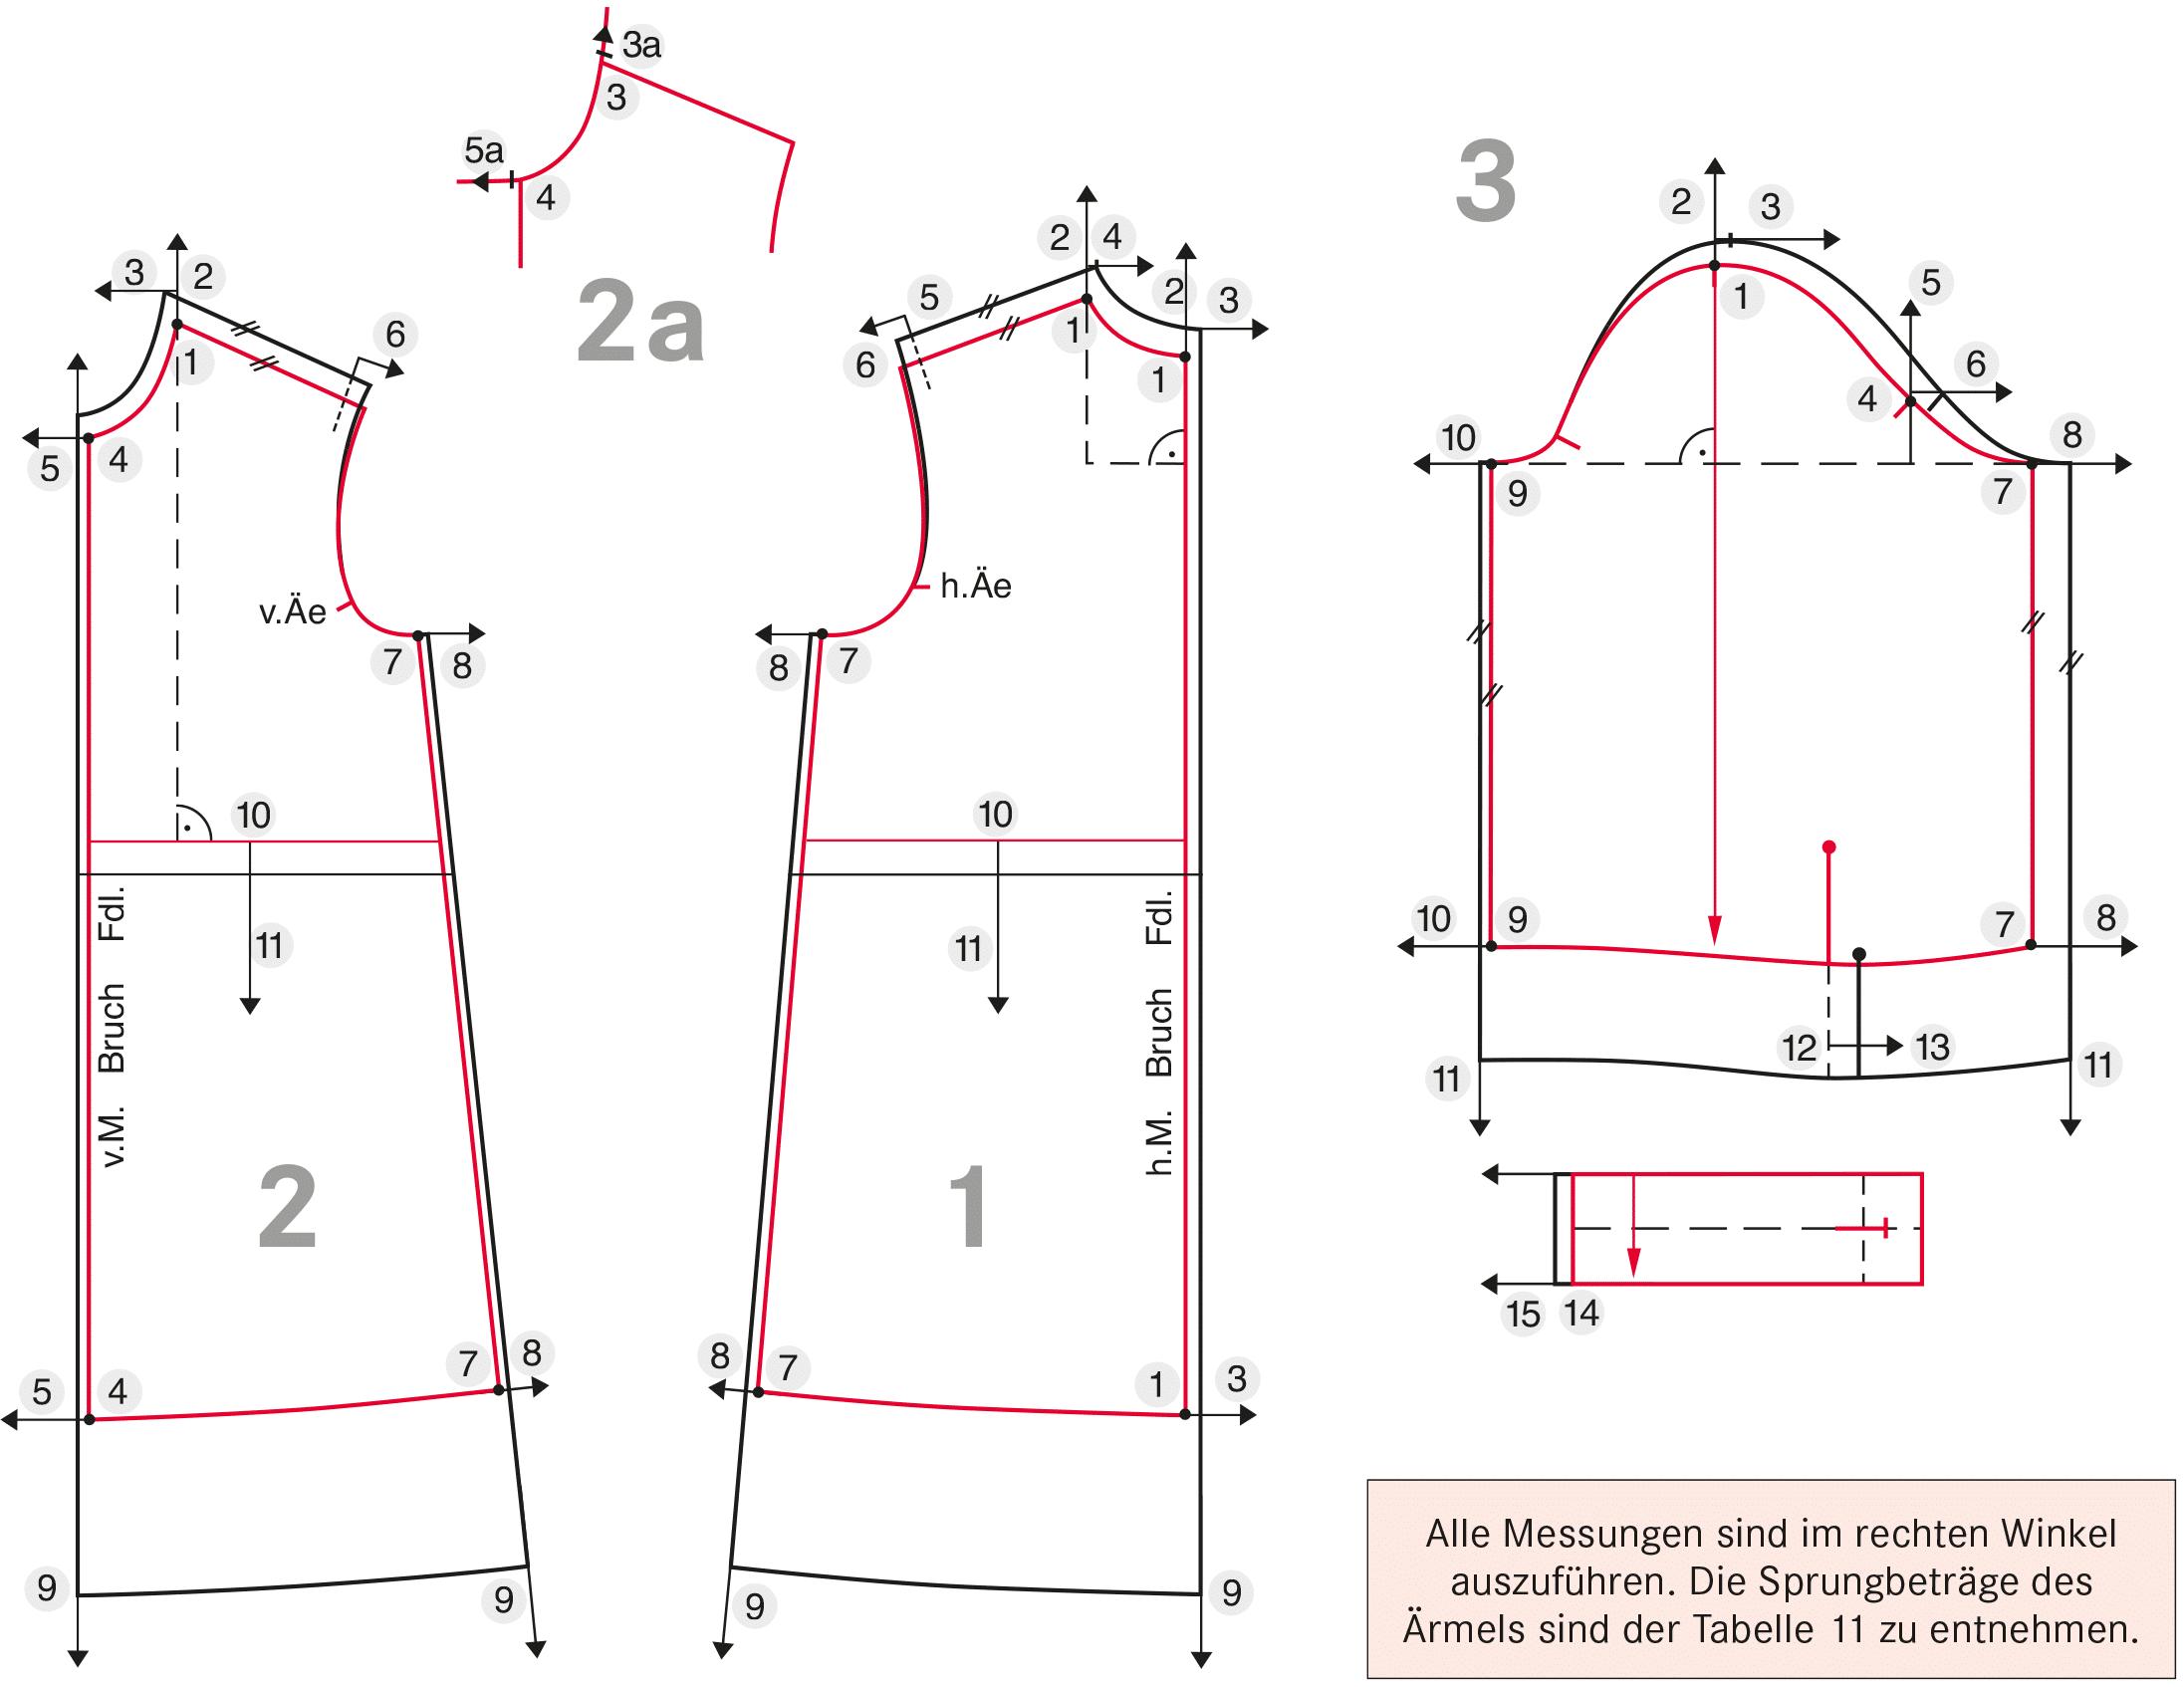 Die Schnittteile die gradiert werden sind abgebildet. Gradiert wird ein Kinderkleid.